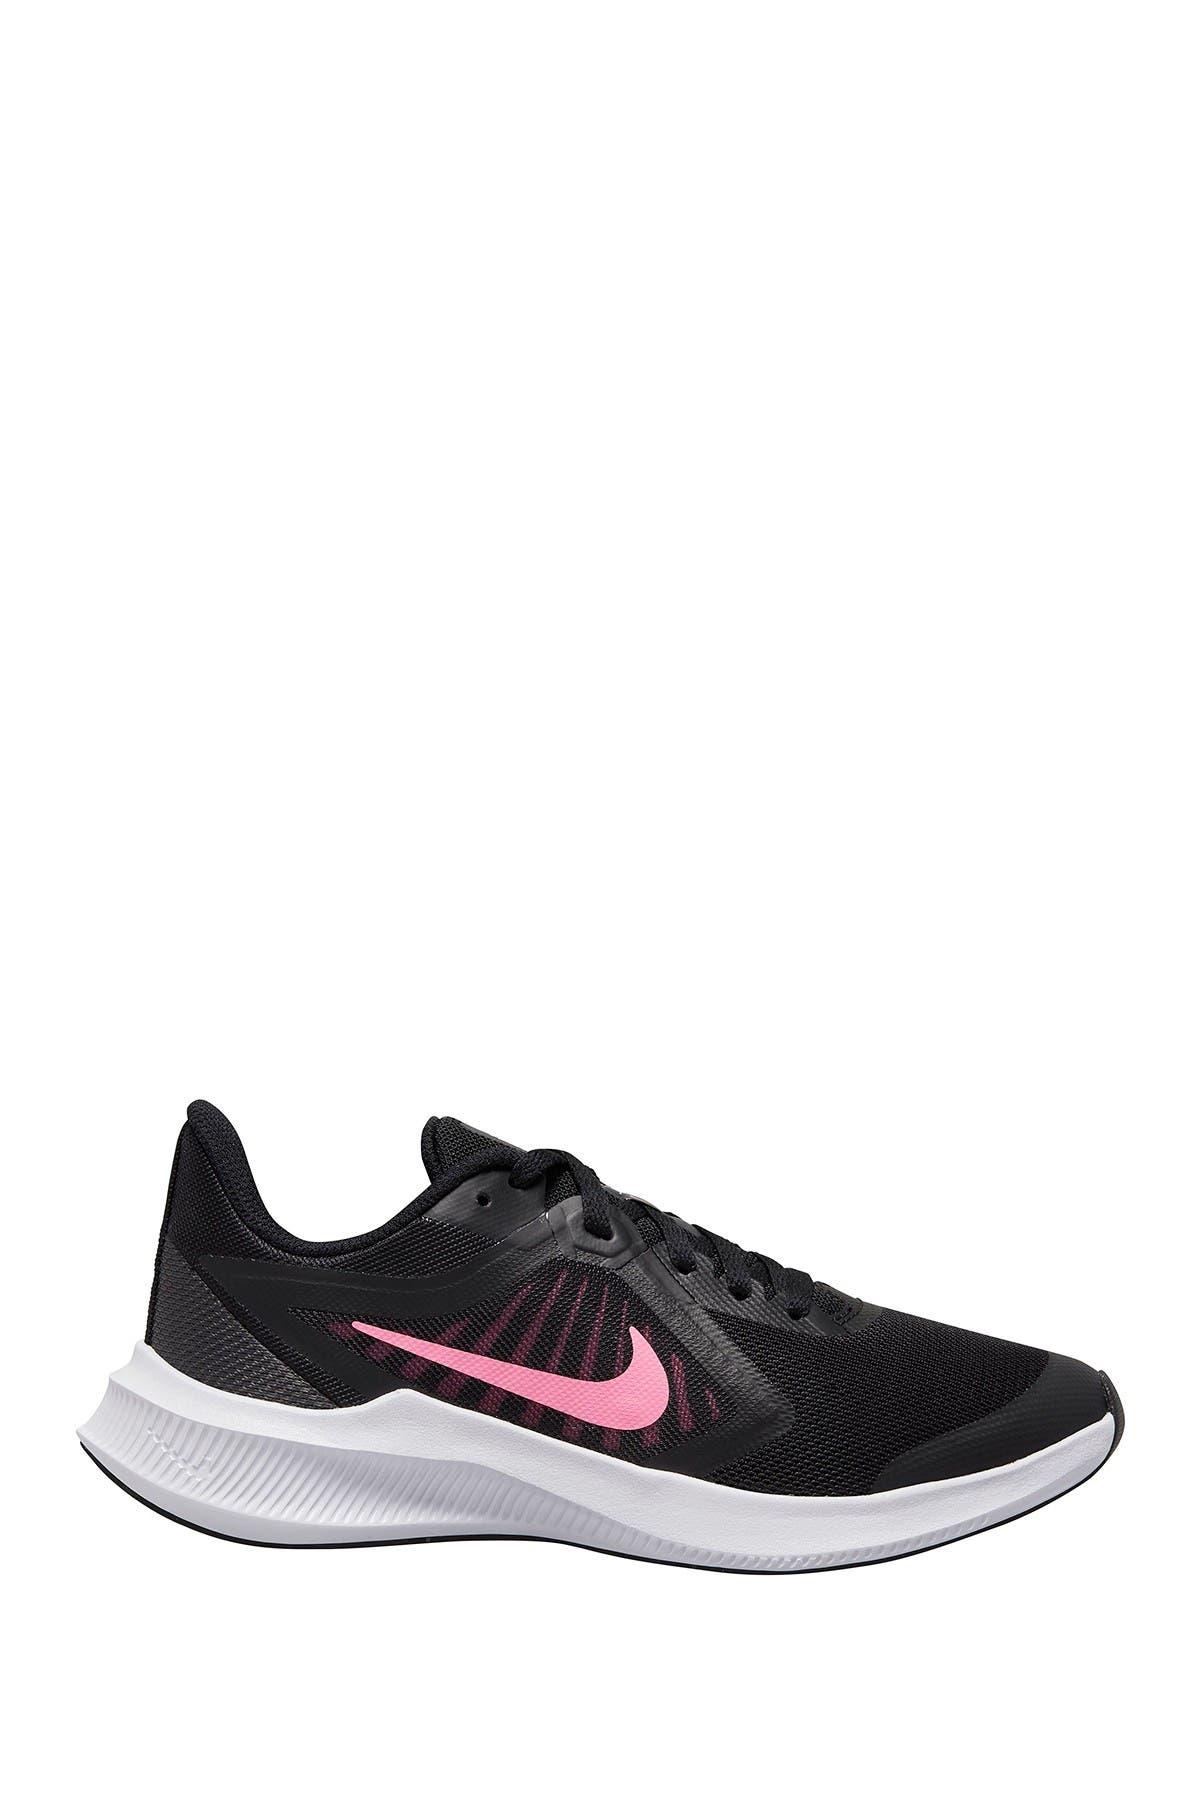 Image of Nike Star Runner 2 Sneaker